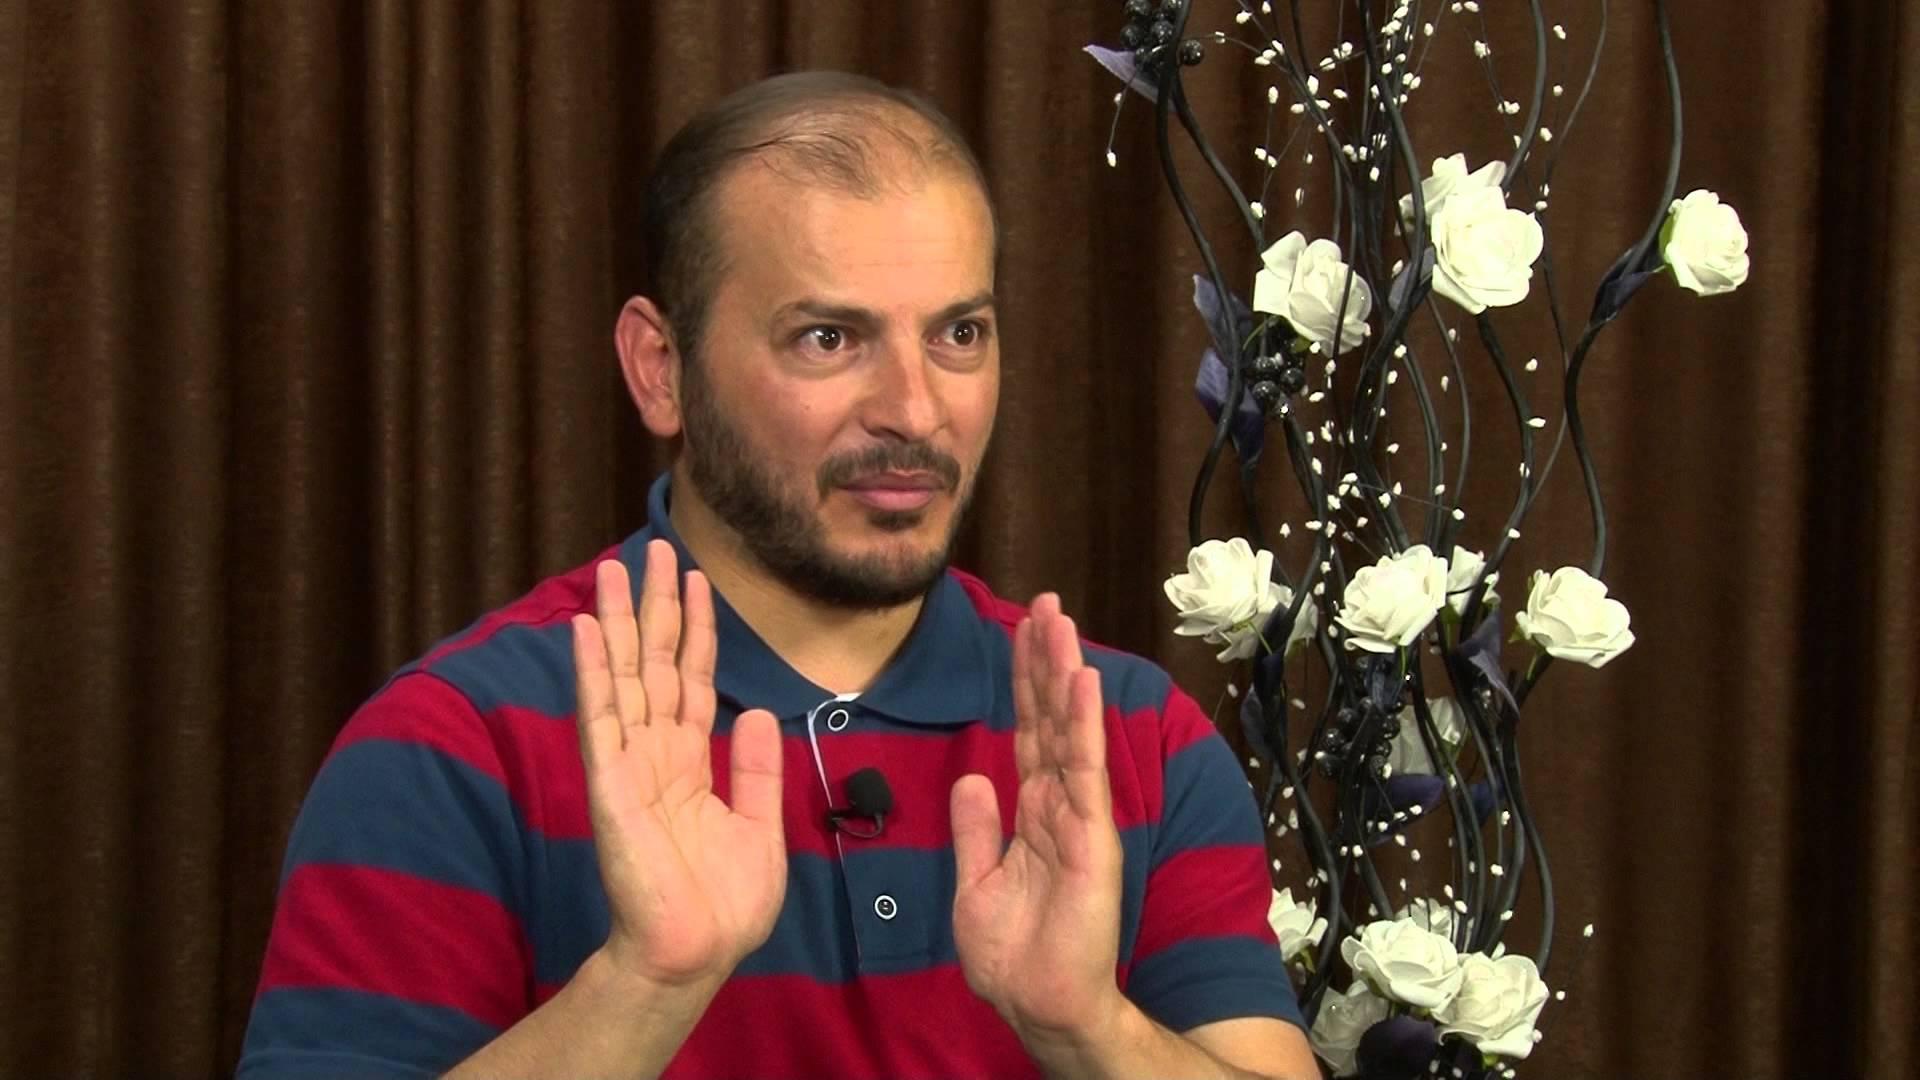 وفاة صحافي سوري مناهض للجهاديين بعد يومين من اطلاق النار عليه